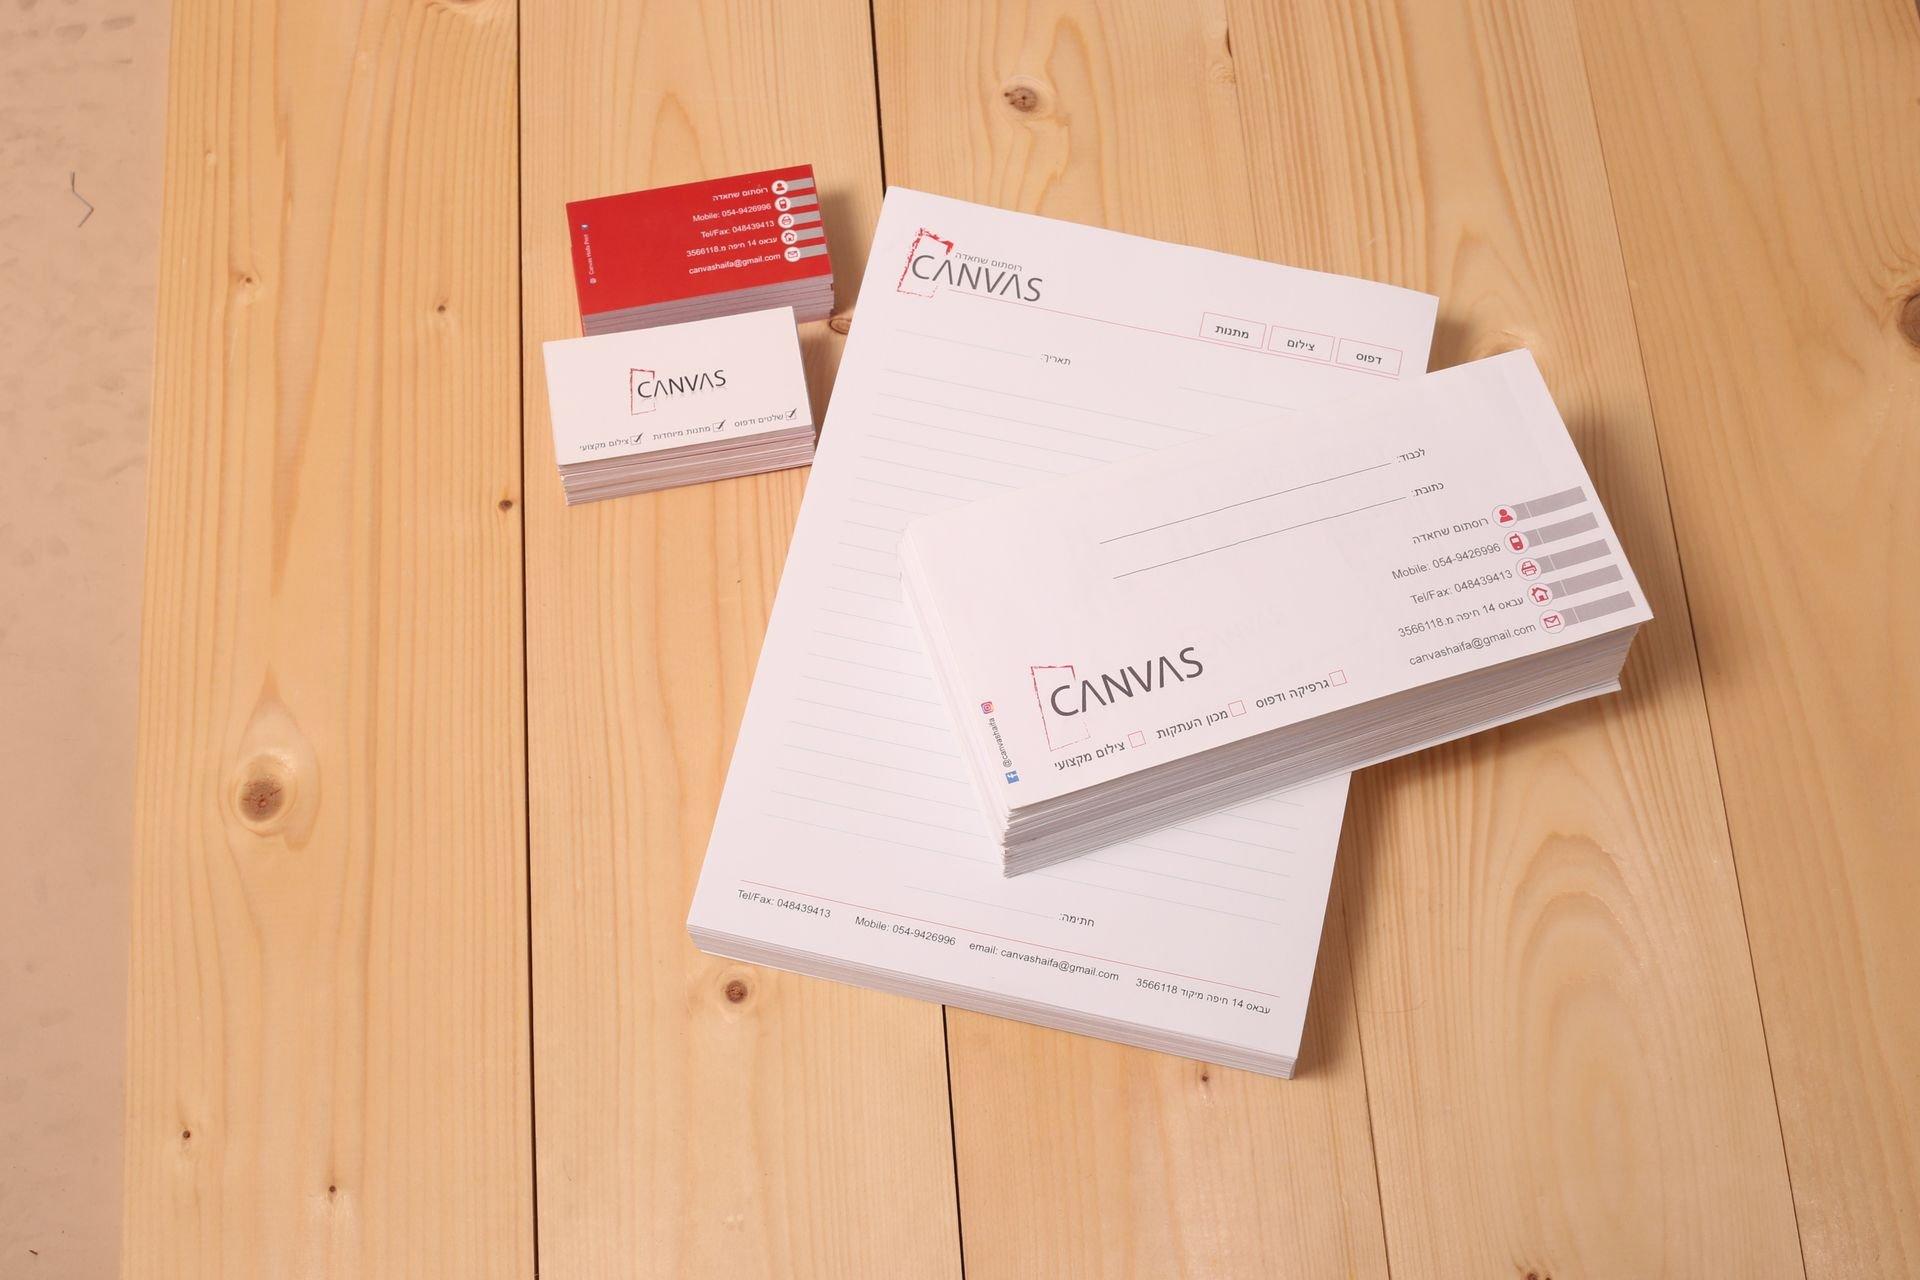 =נייר פירמה (דפי לוגו) A4 ,הדפסה צבעונית ב אופסט, נייר 80 גרם.